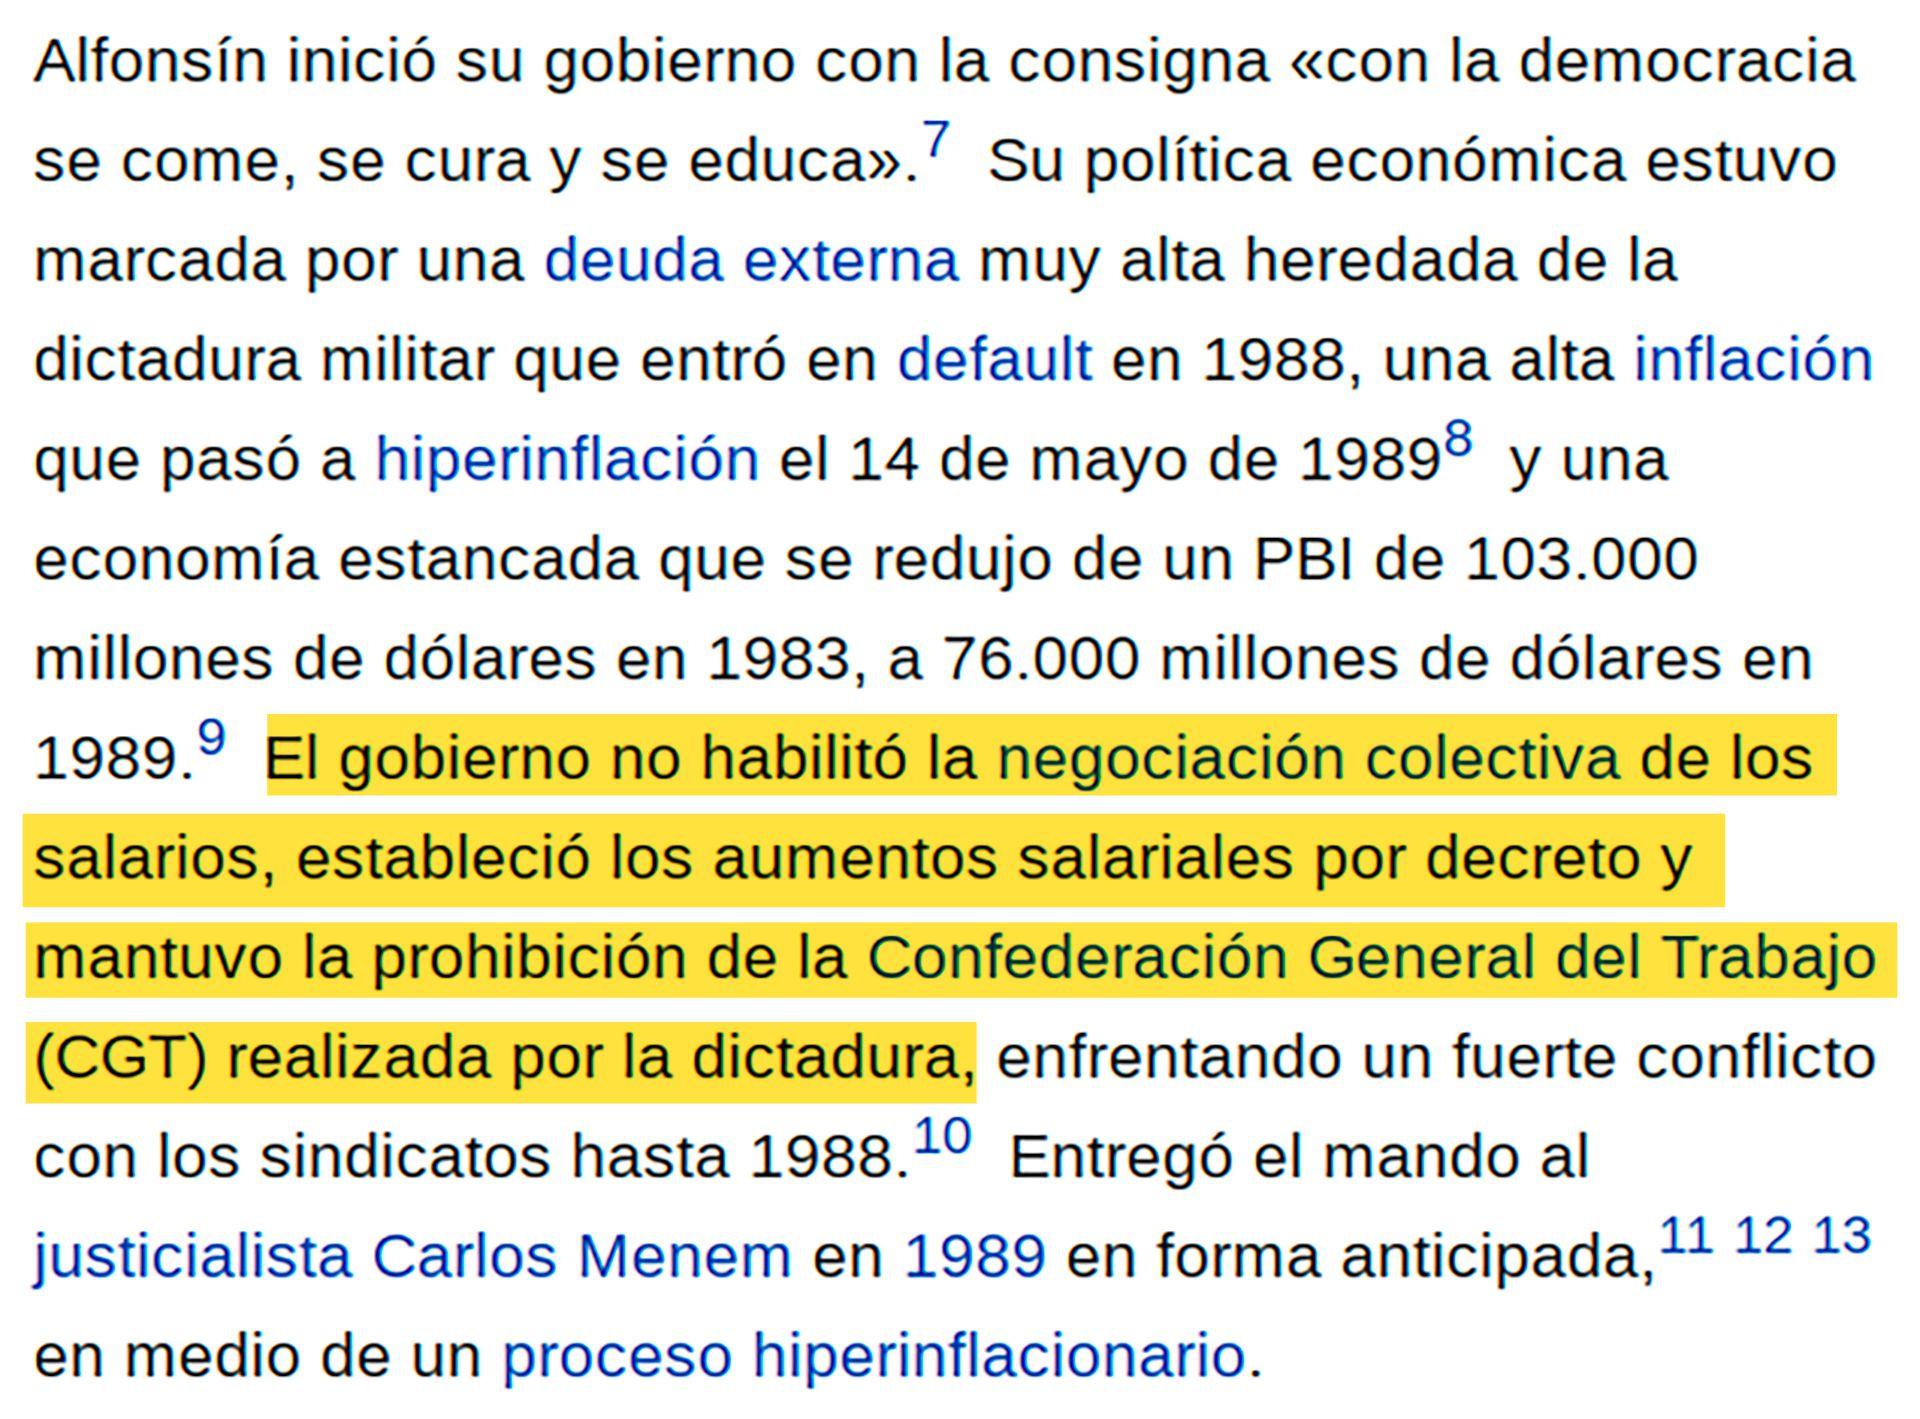 Resaltados Wikipedia - Alfonsín